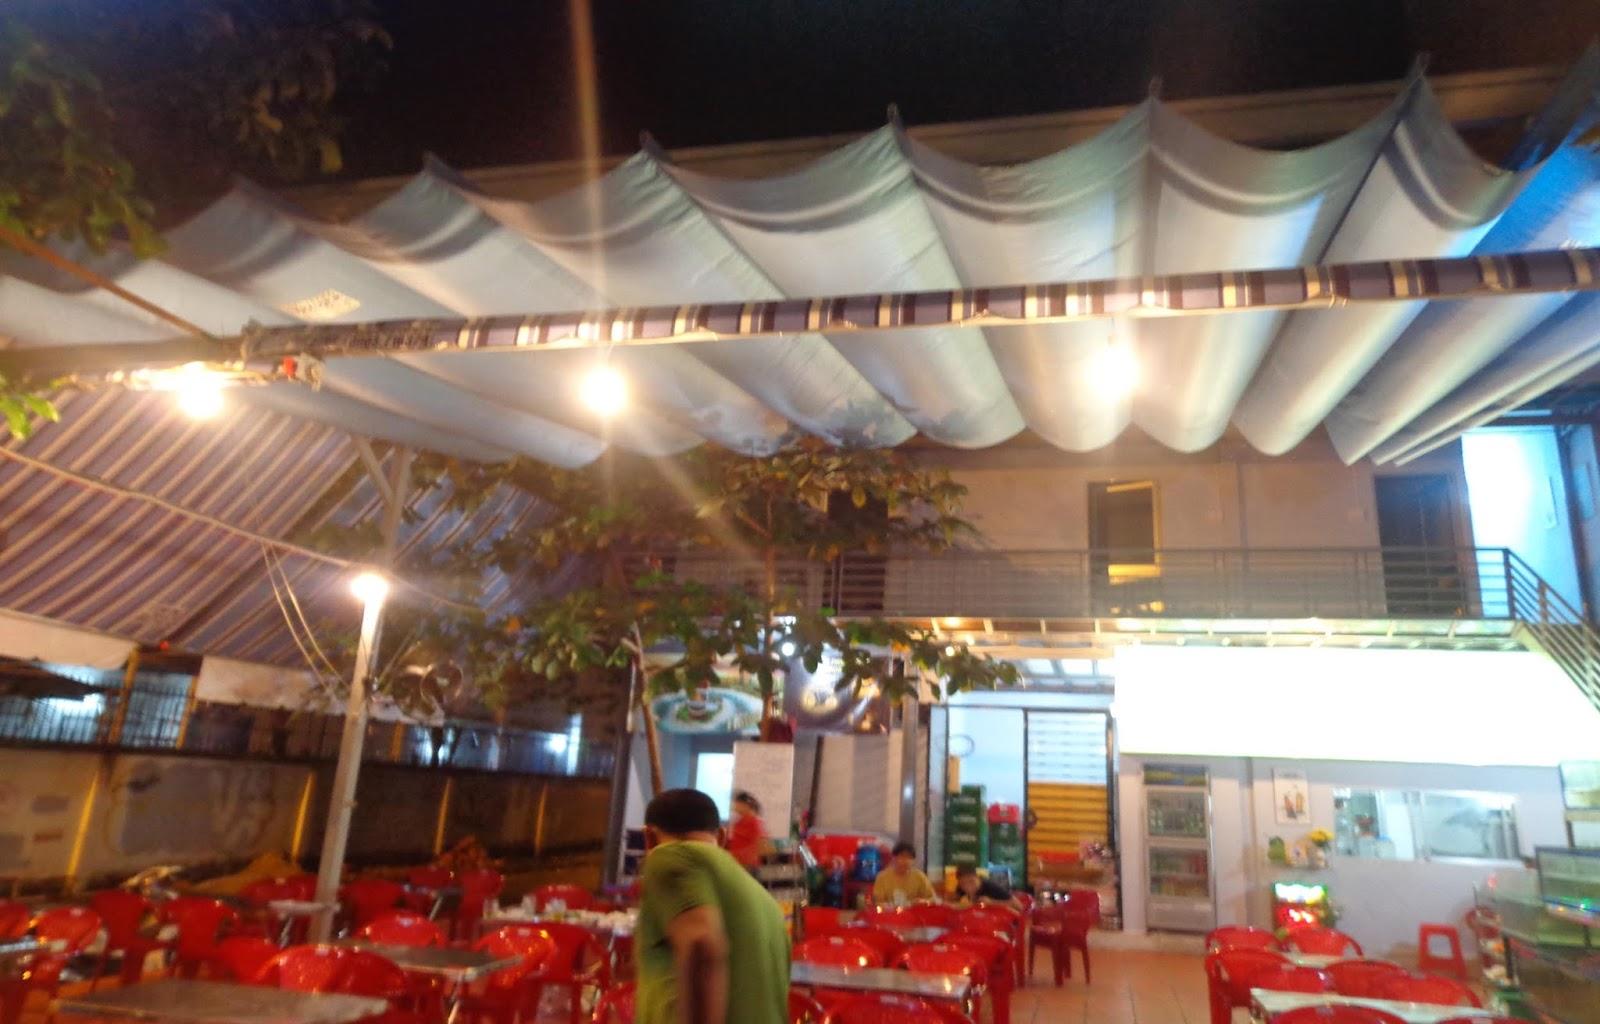 Mái xếp quán ăn, nhà hàng